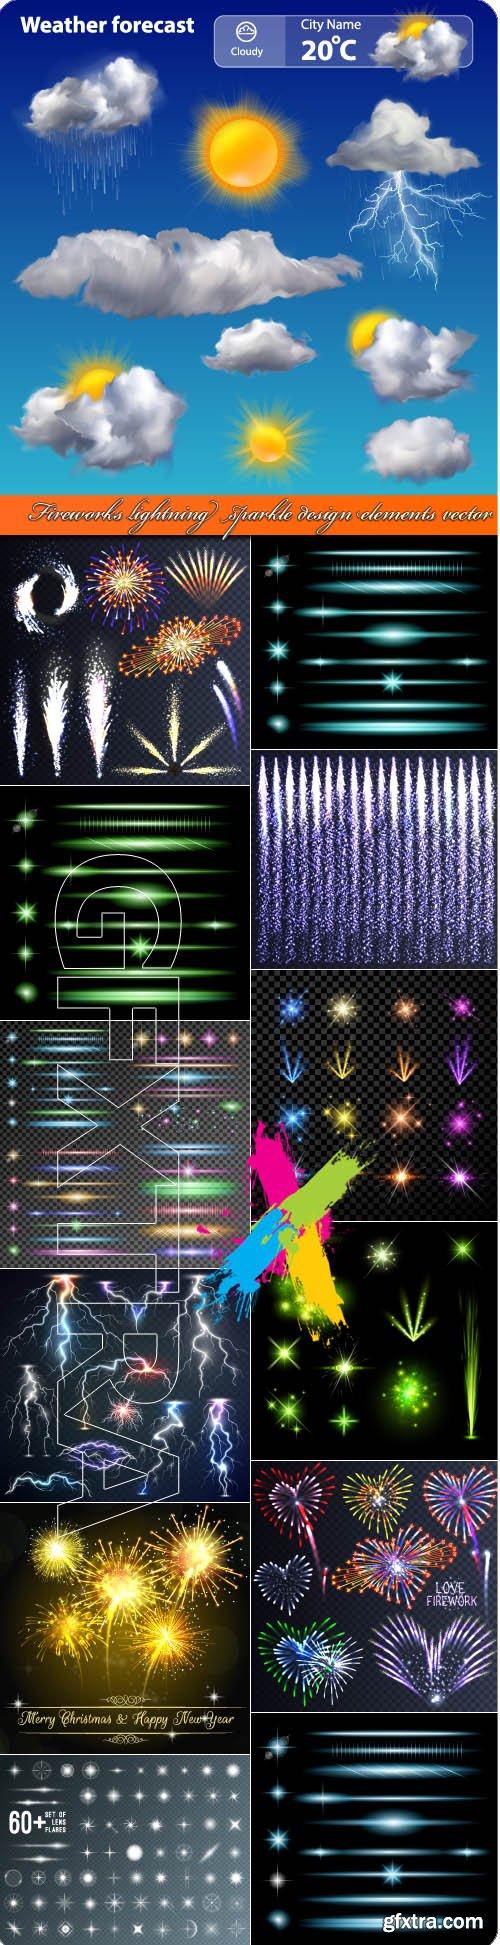 Fireworks lightning sparkle design elements vector